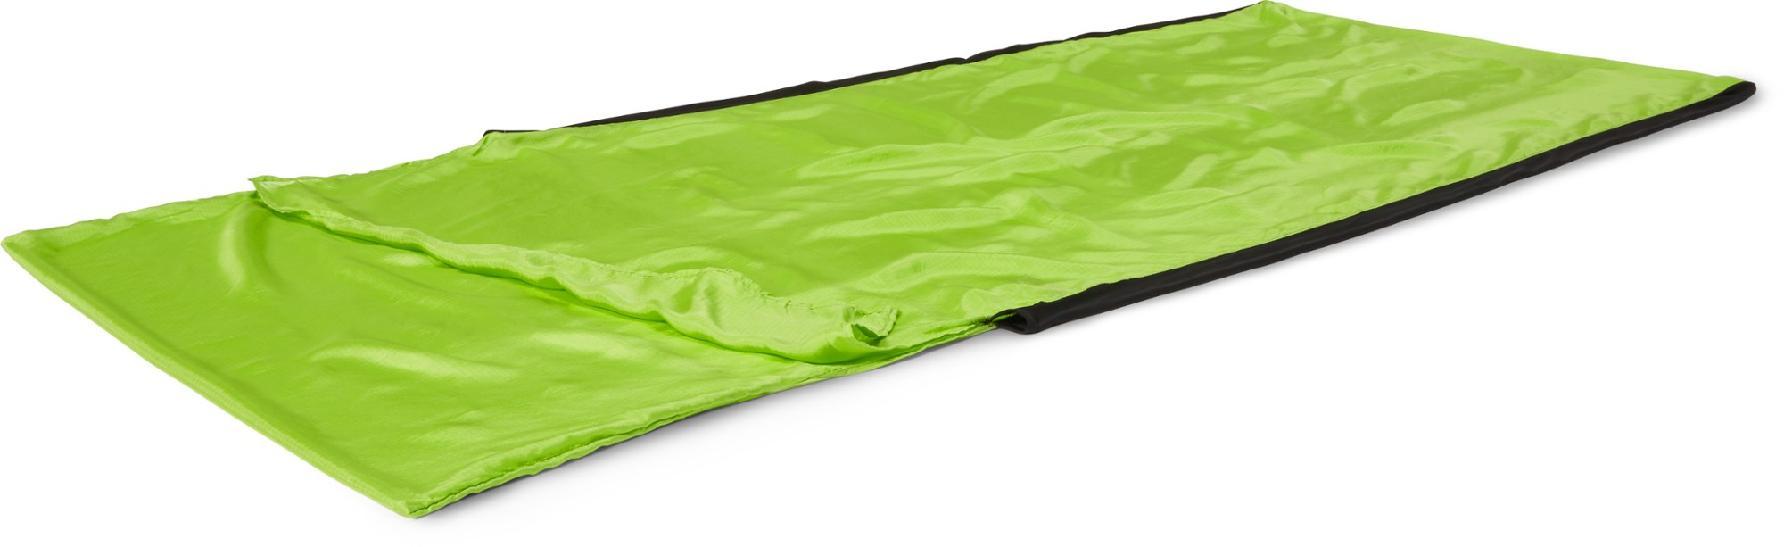 sleeping bag liners silk